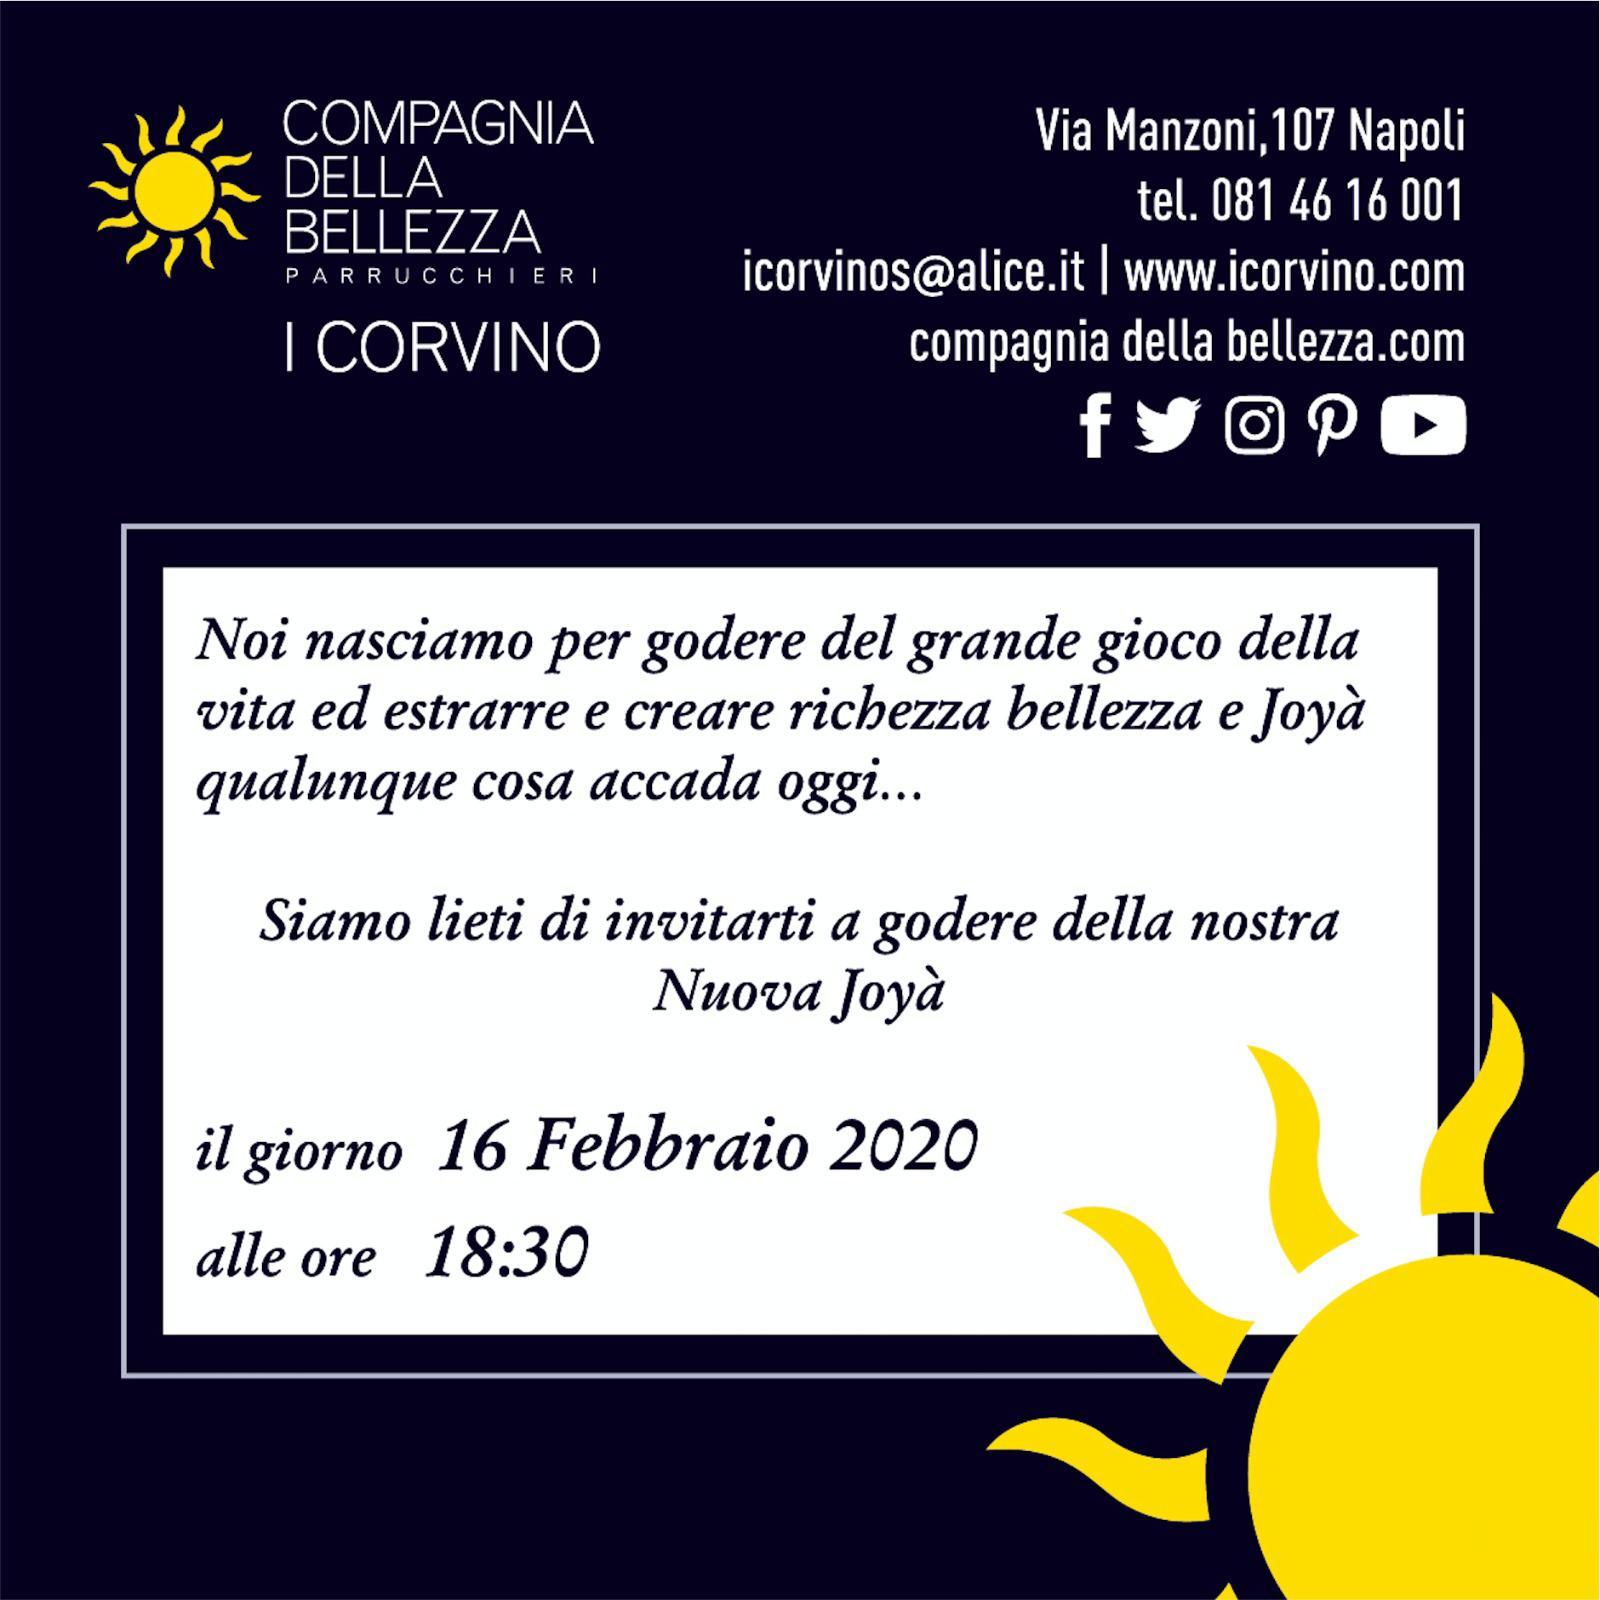 inaugurazioneCorvino-1